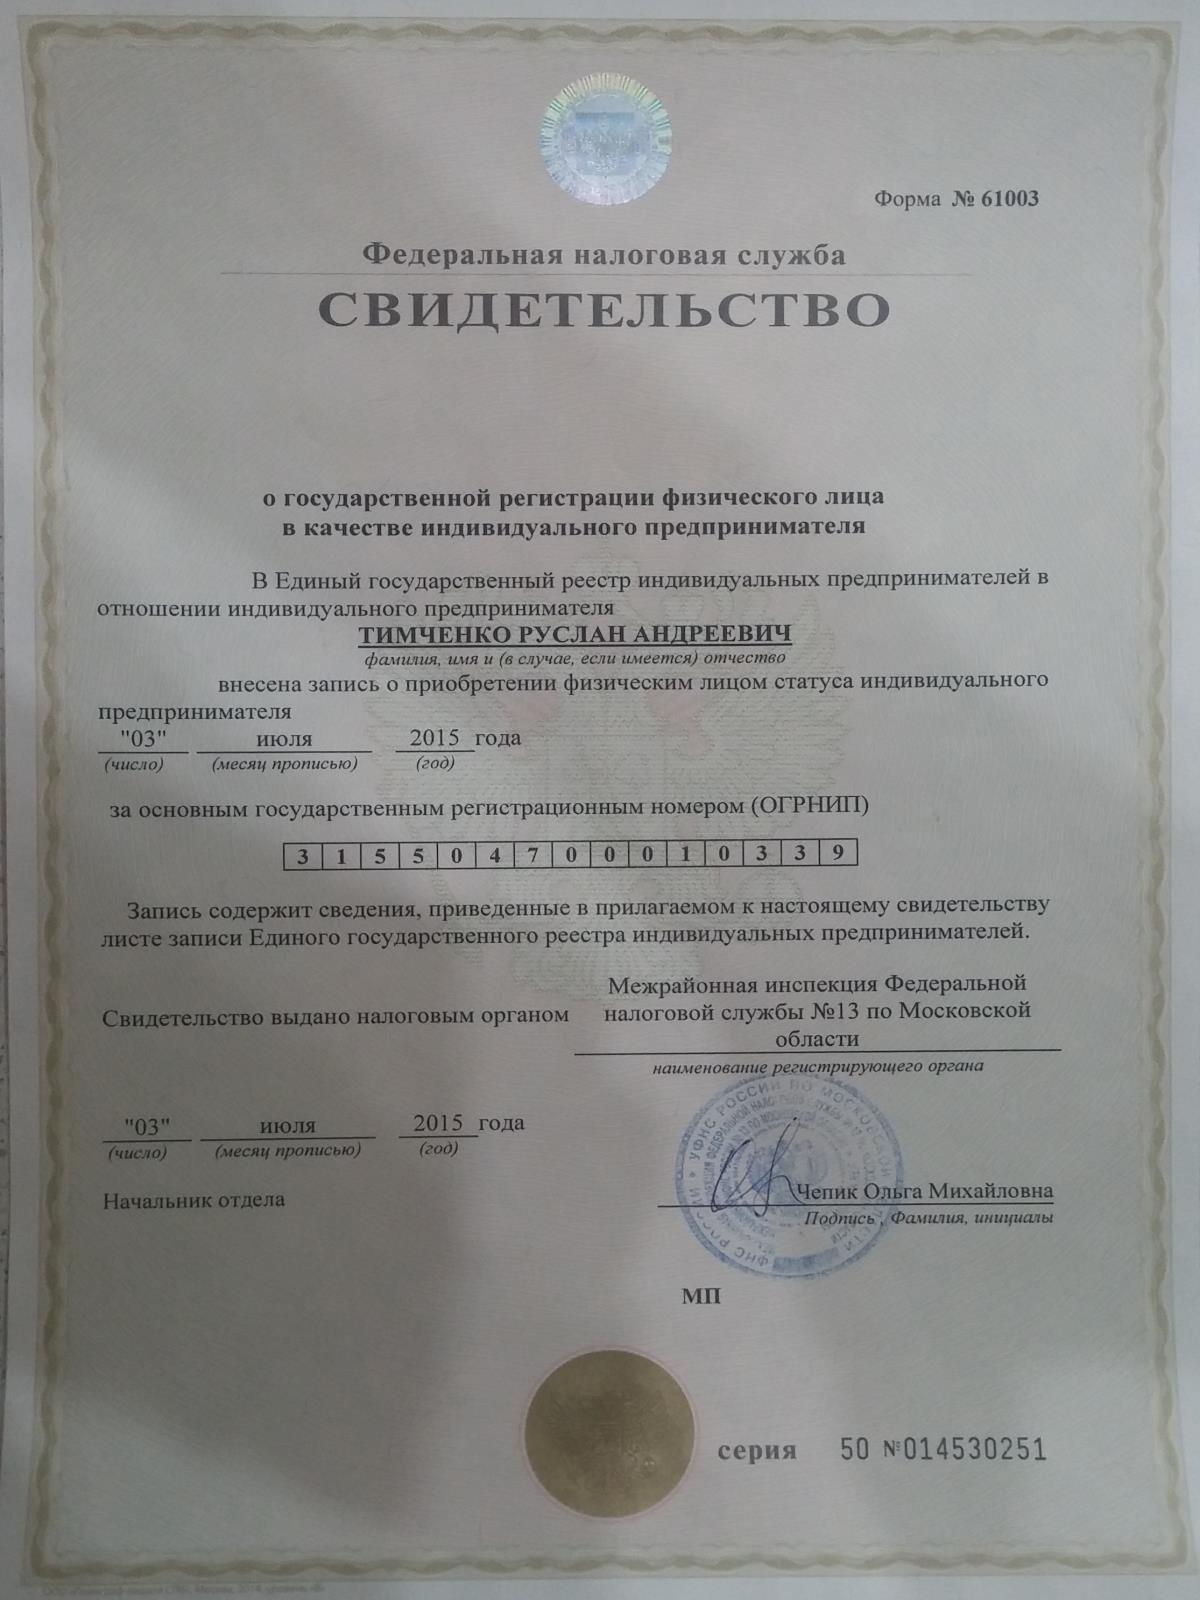 Свидетельство_о_гос._регистрации.jpg